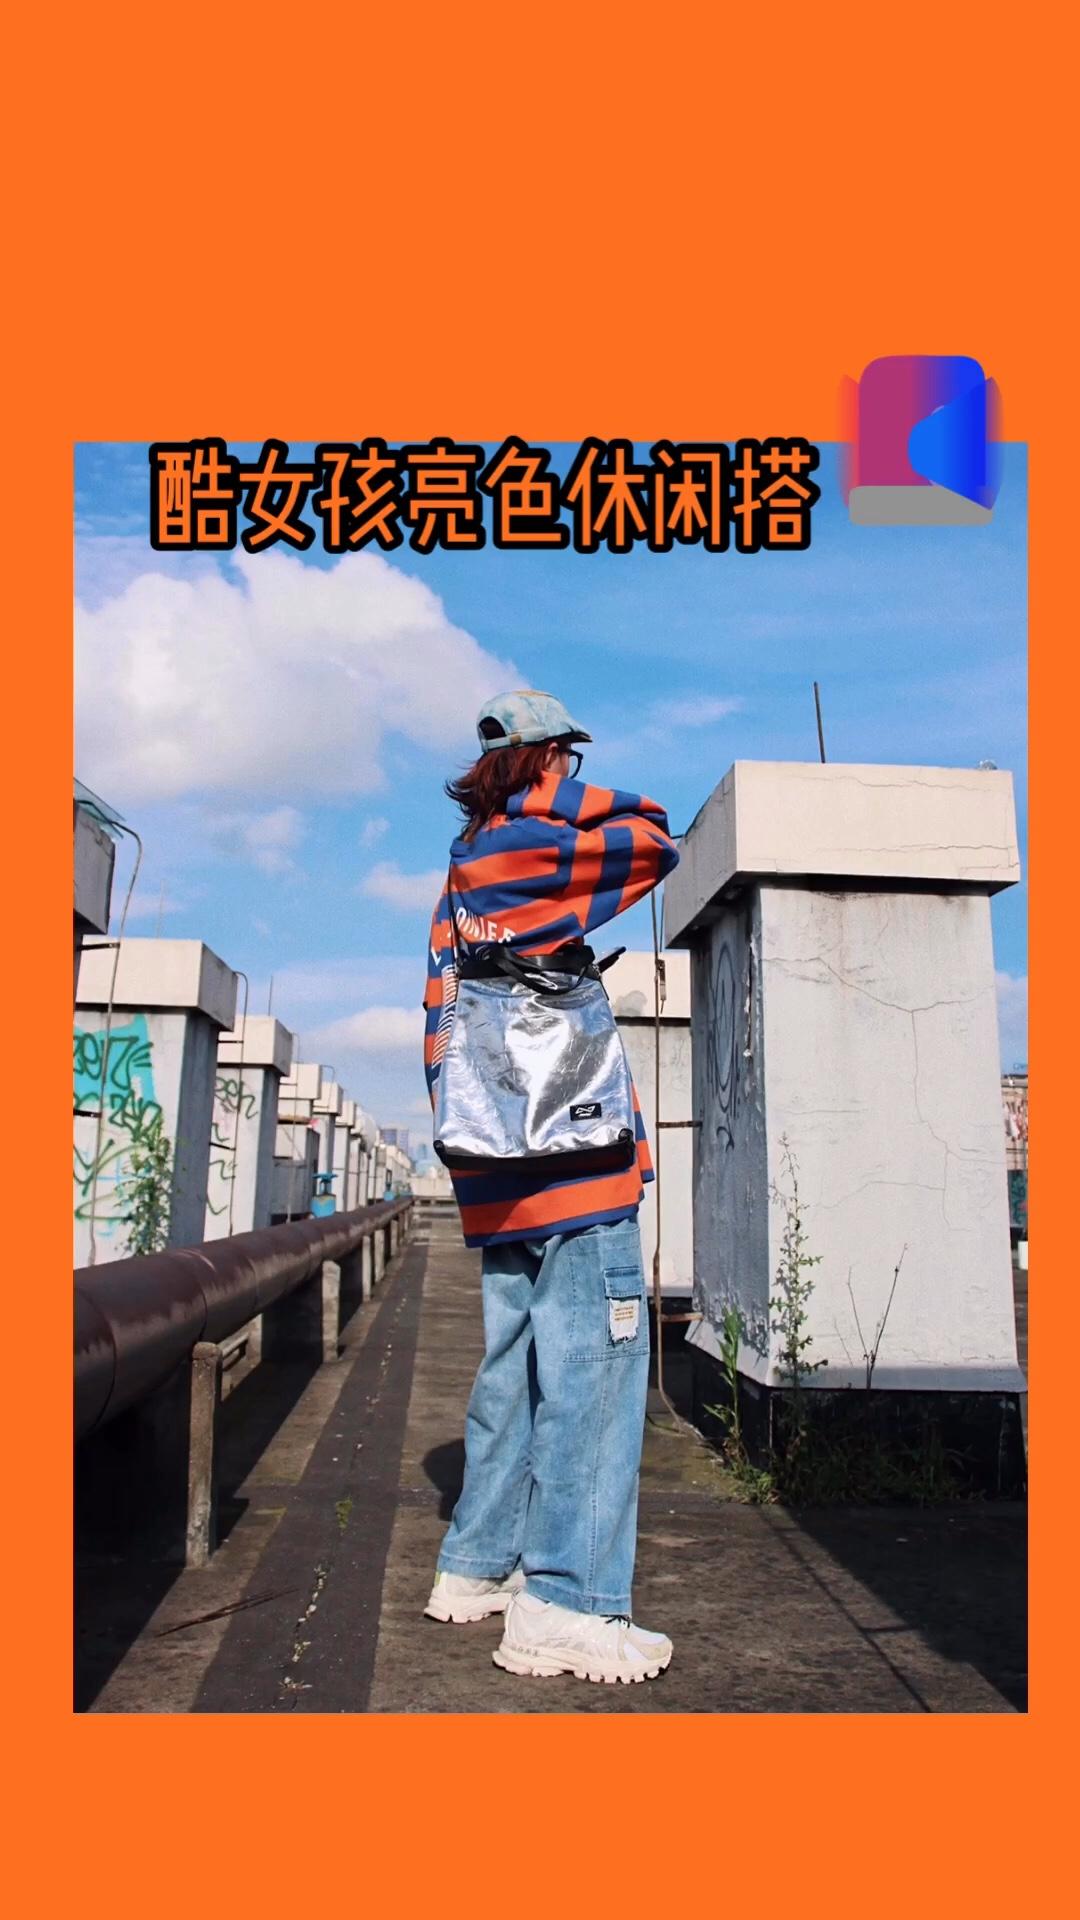 #显高显瘦穿搭,拯救不自信!# 亮橘色也太好看了!这件橘蓝条纹衫加上前后不对称的印花 超🆒